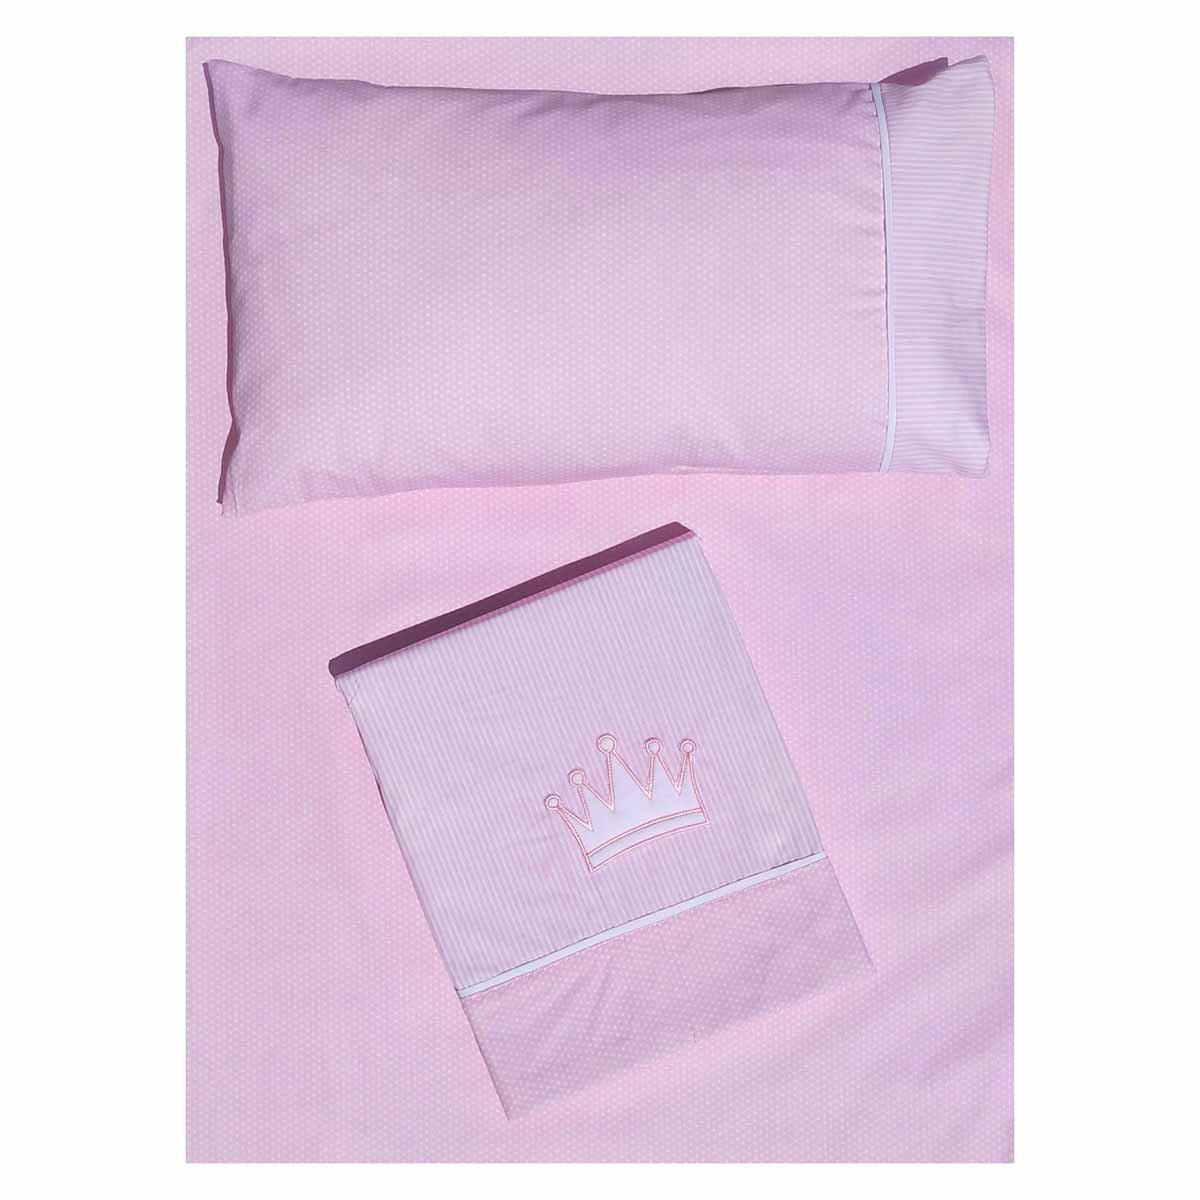 Σεντόνια Κούνιας (Σετ) Morven Cute 1901 Pink